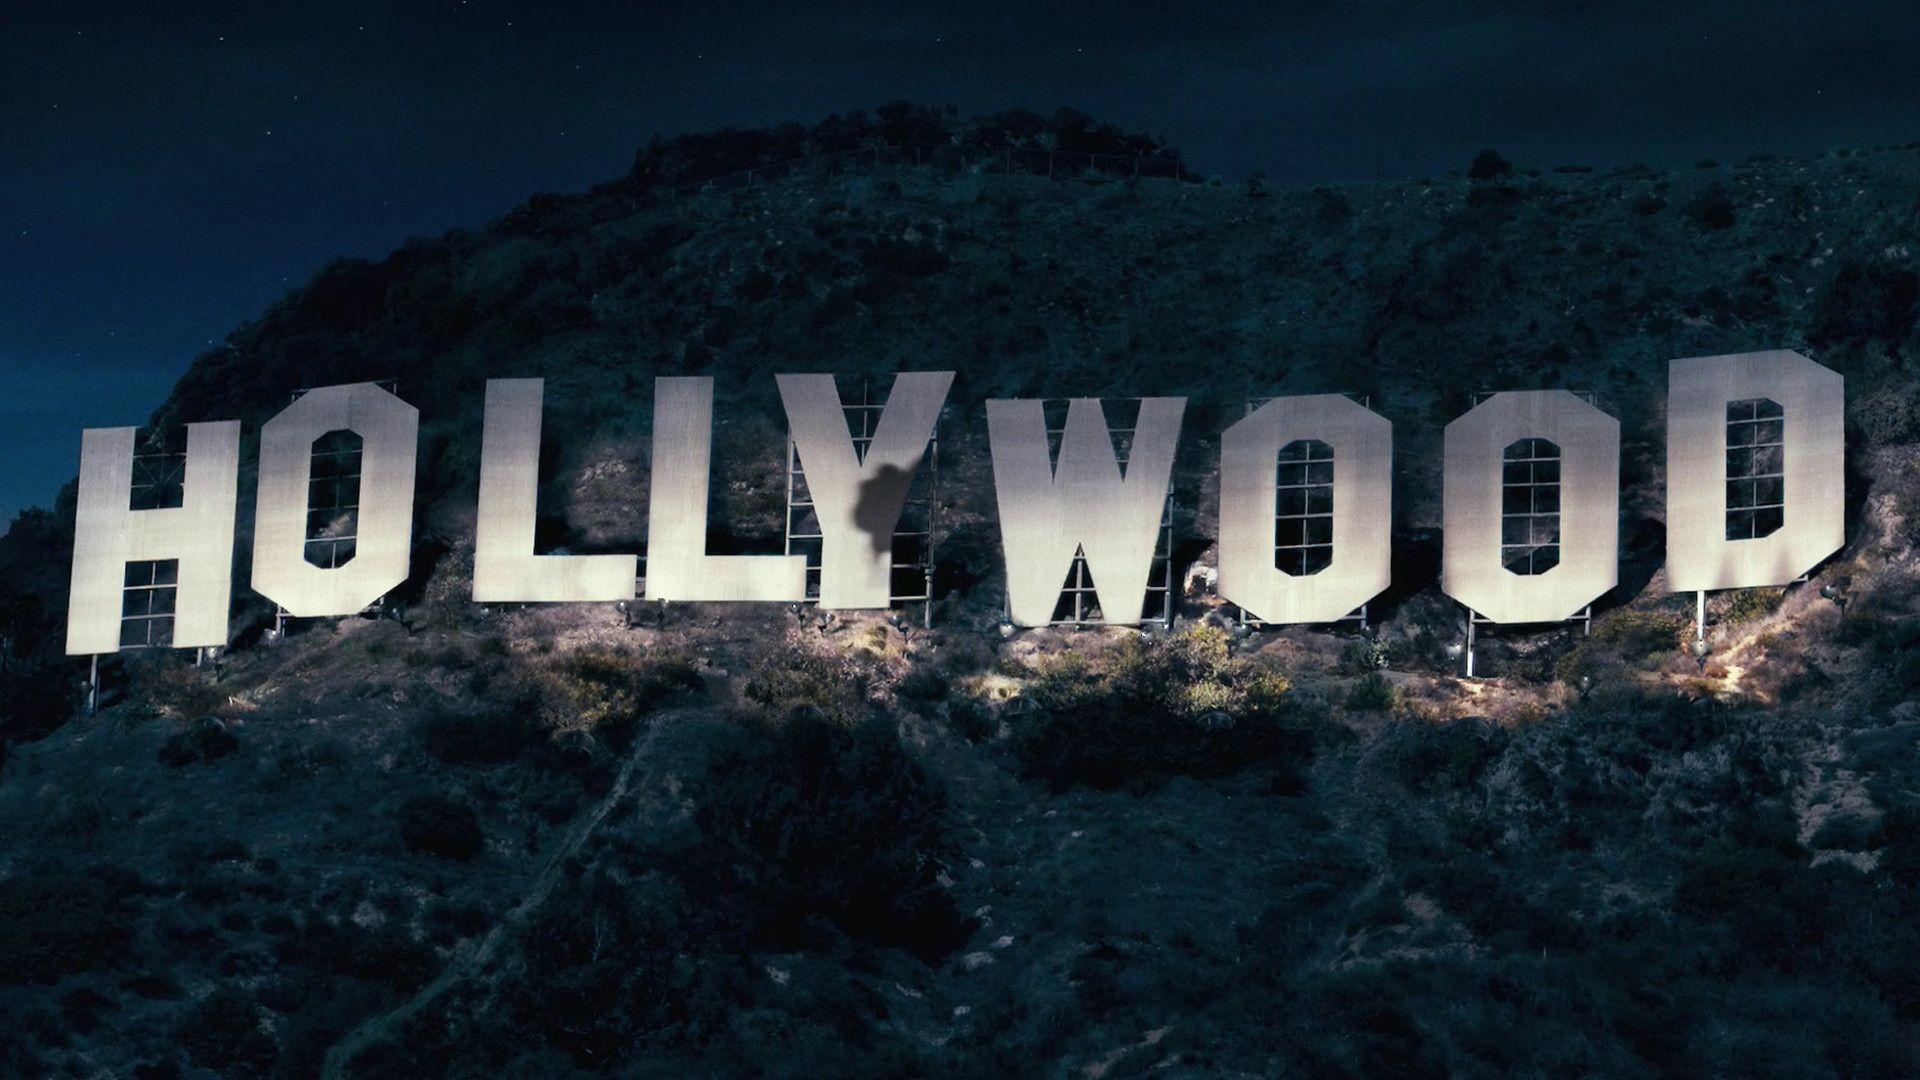 séria z hollywoodu